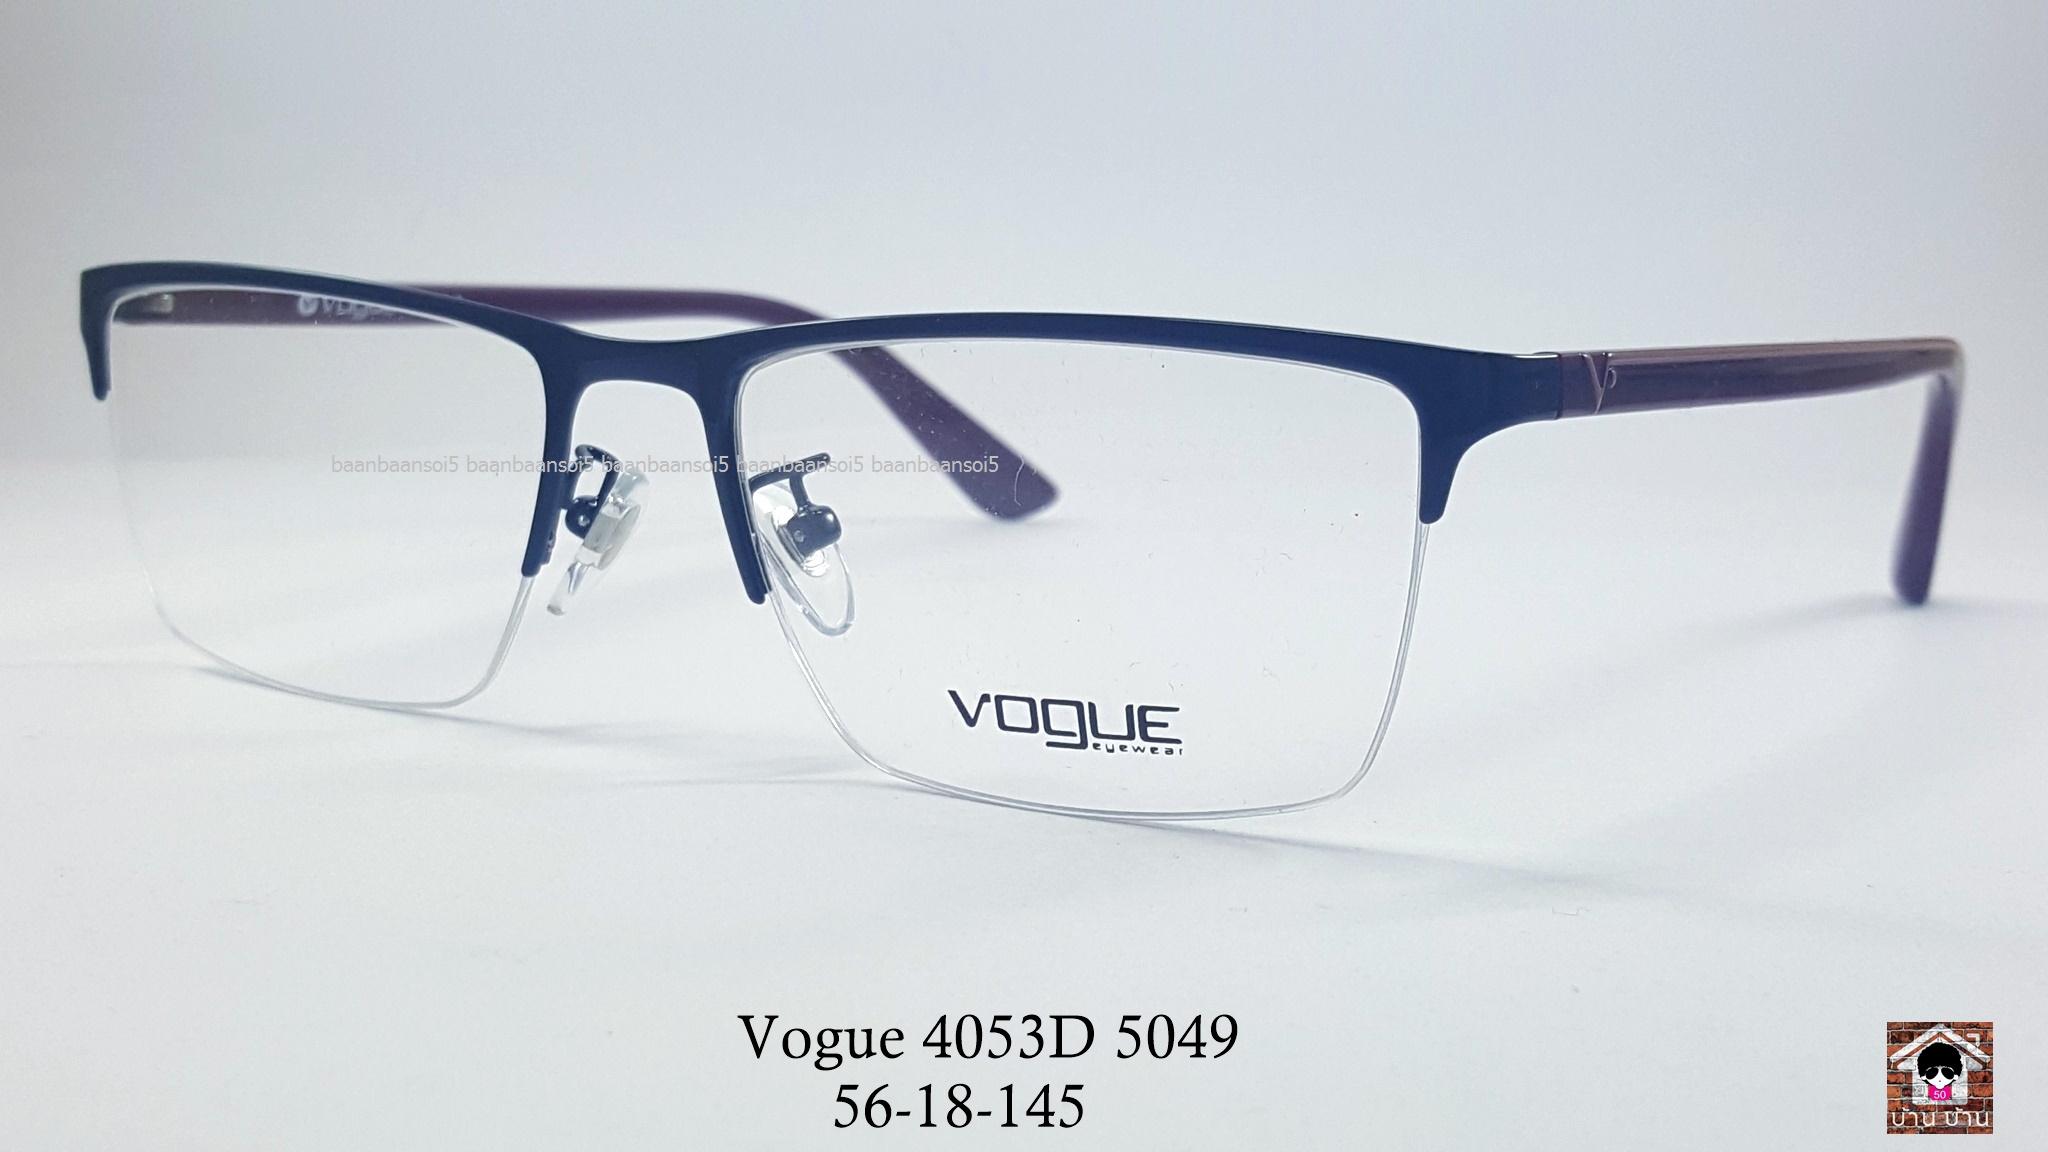 Vogue vo 4053D 5049 โปรโมชั่น กรอบแว่นตาพร้อมเลนส์ HOYA ราคา 2,700 บาท